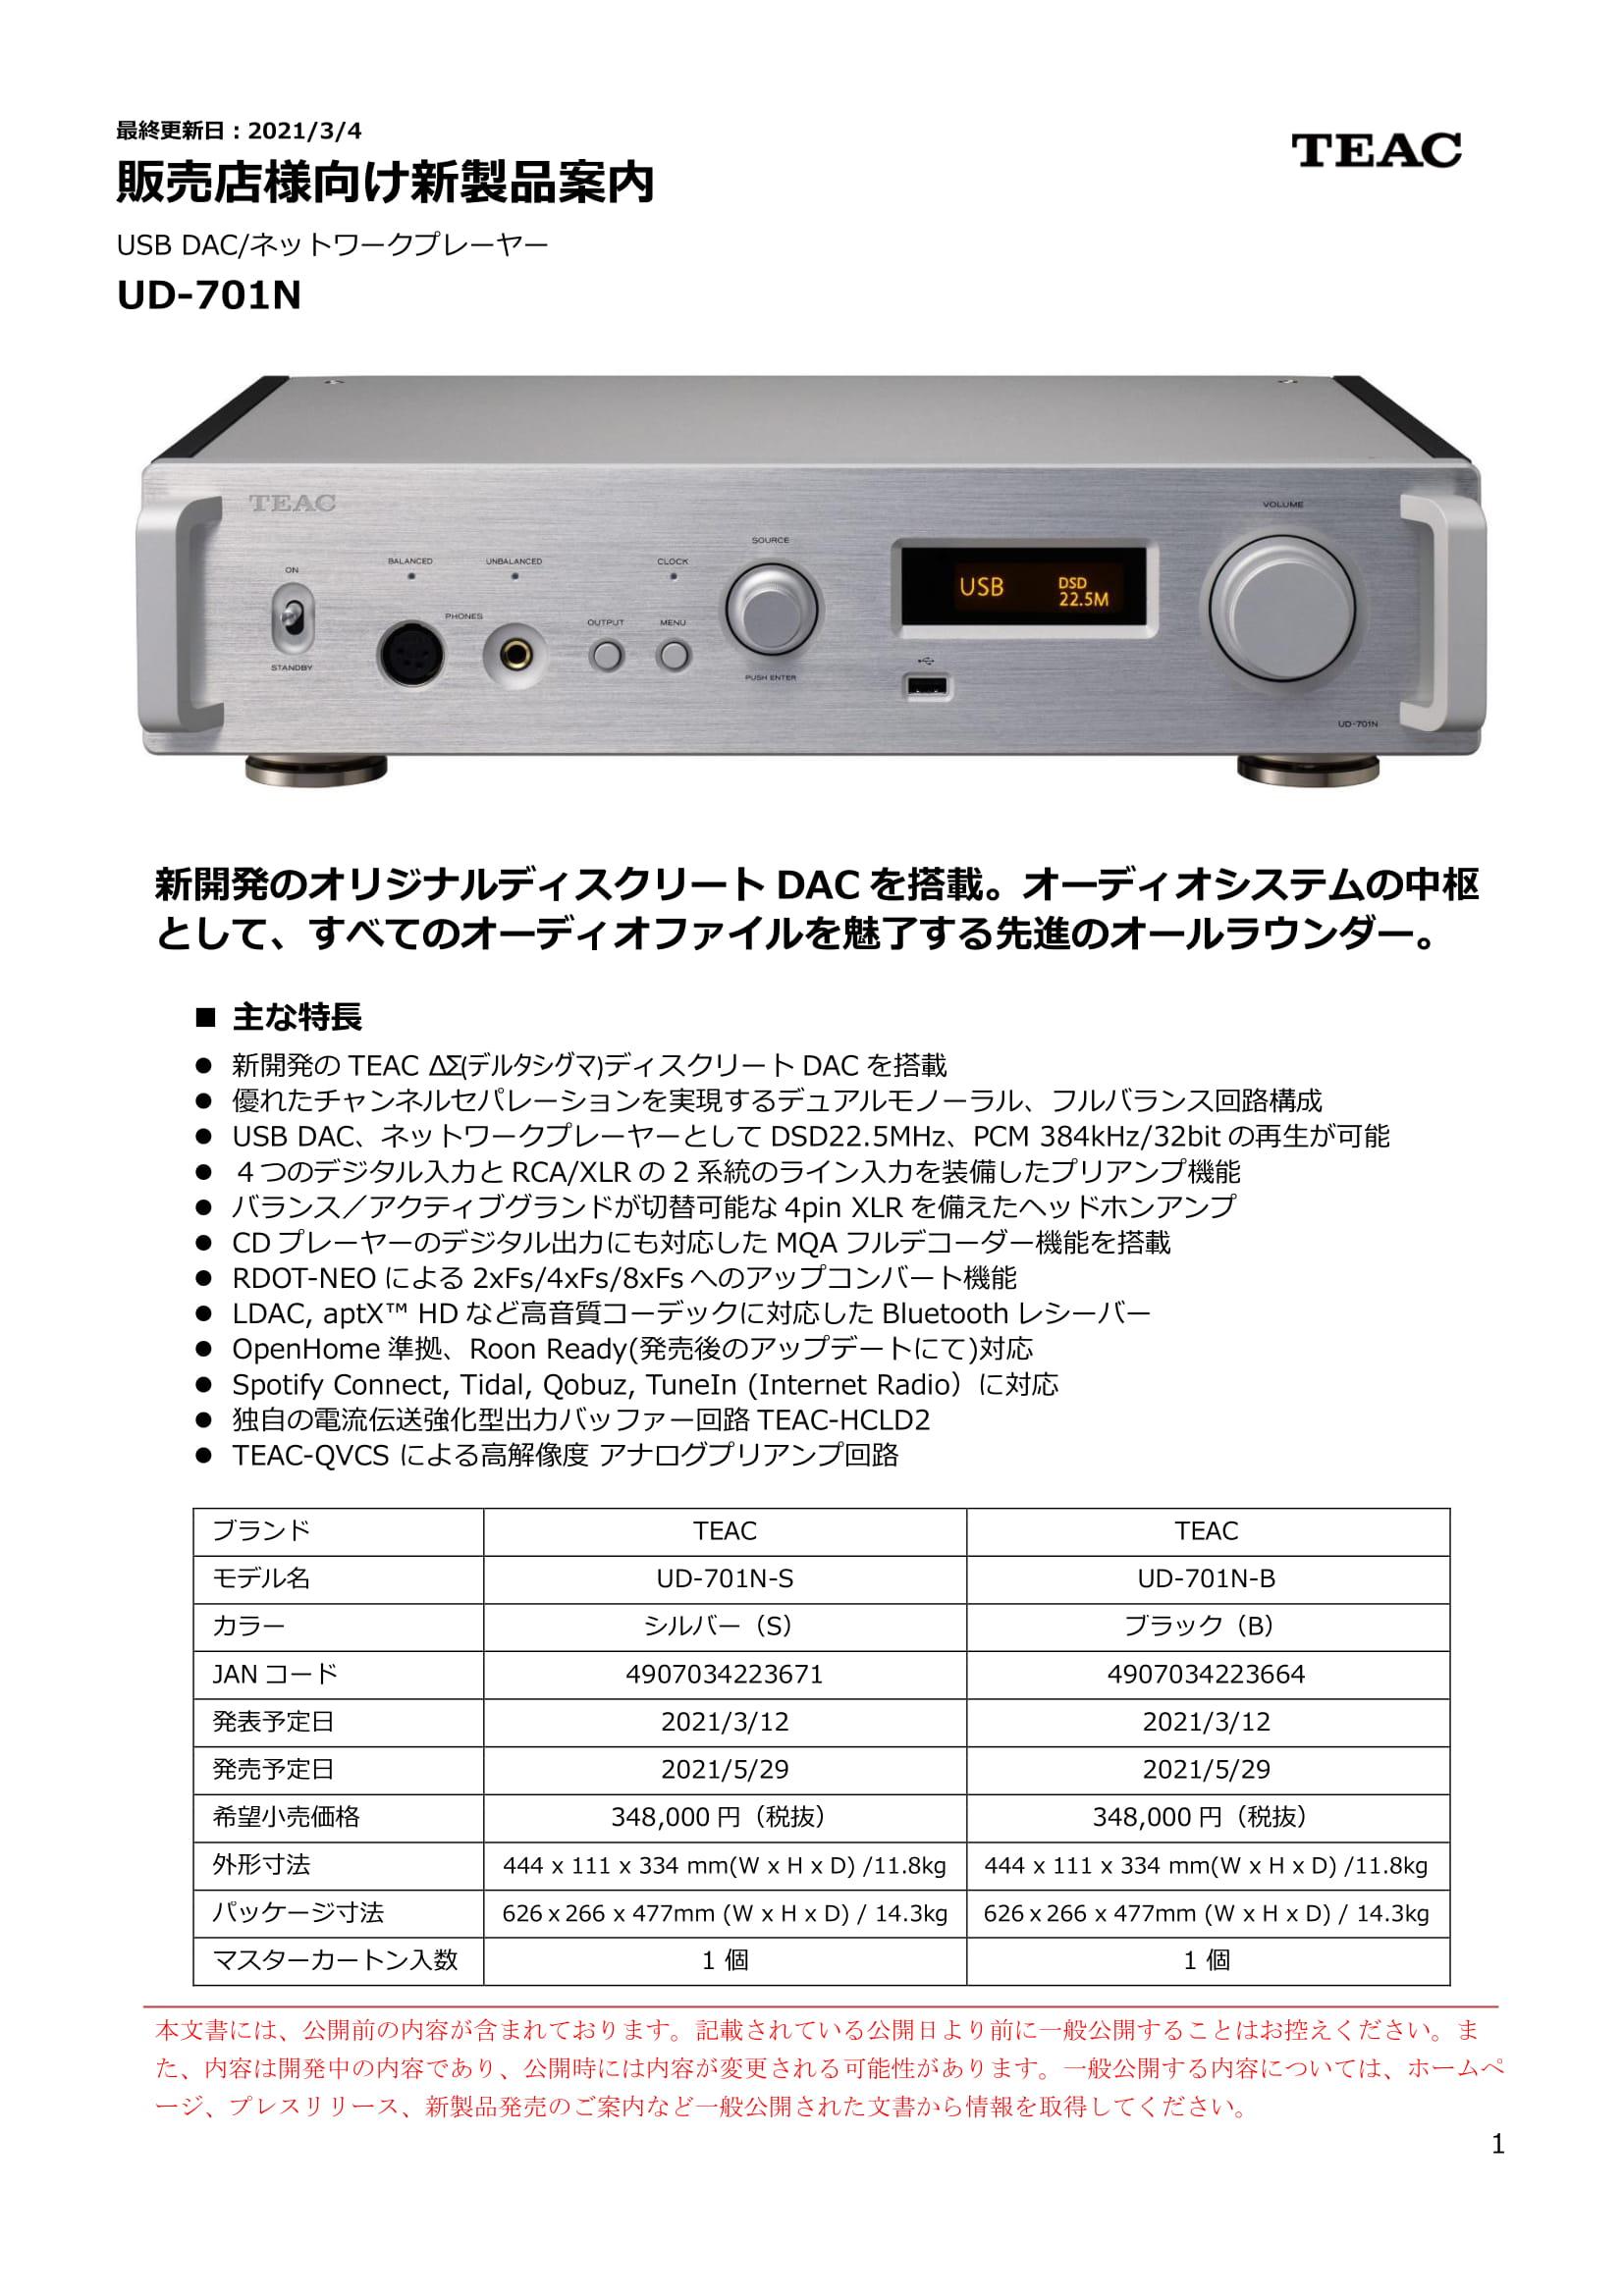 UD-701N_SNPI_210304-01.jpg